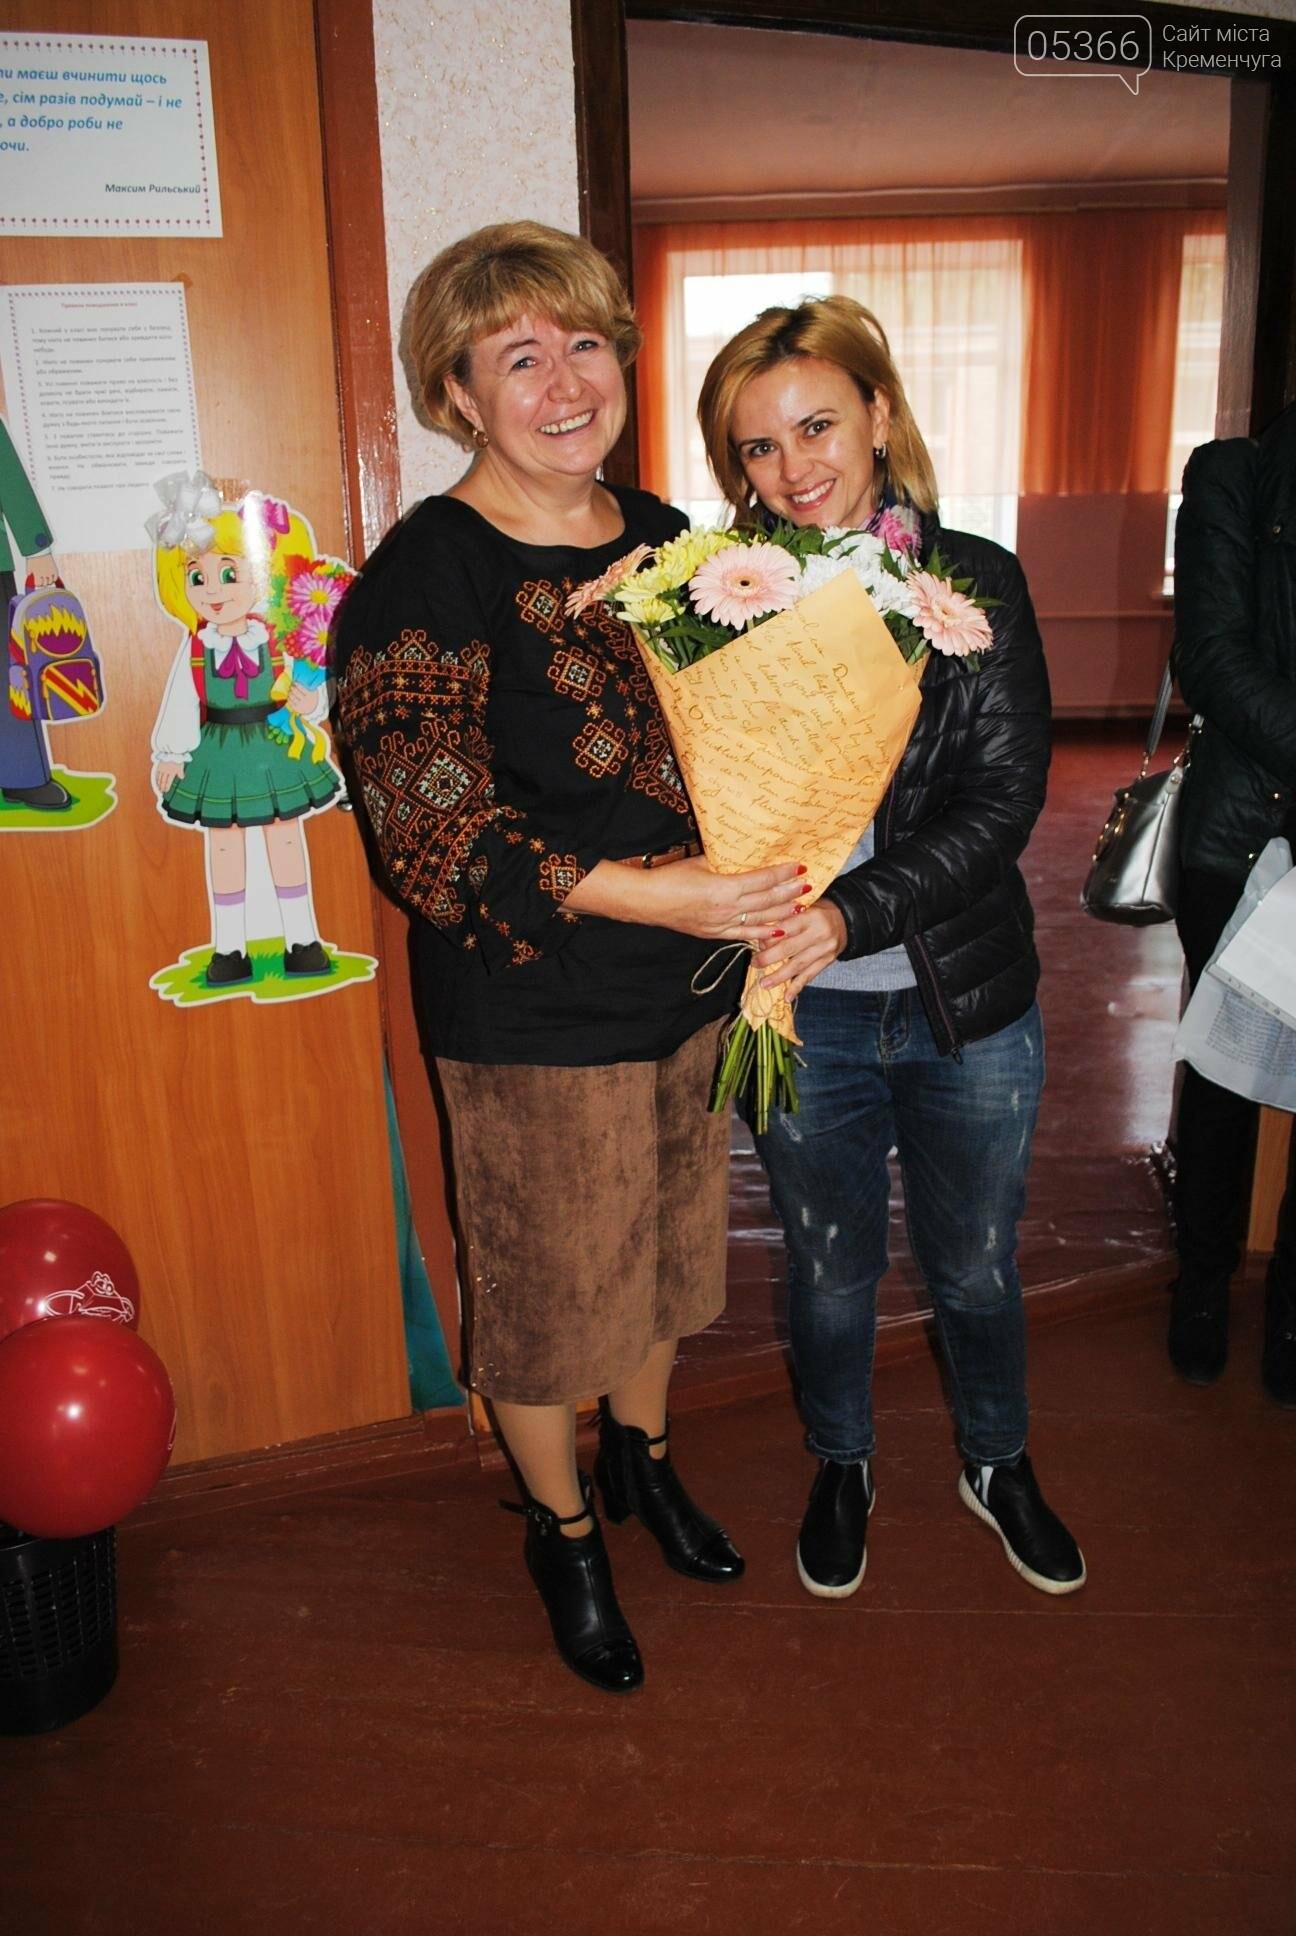 Лучший подарок для учителя - признание и любовь учеников (ФОТО), фото-11